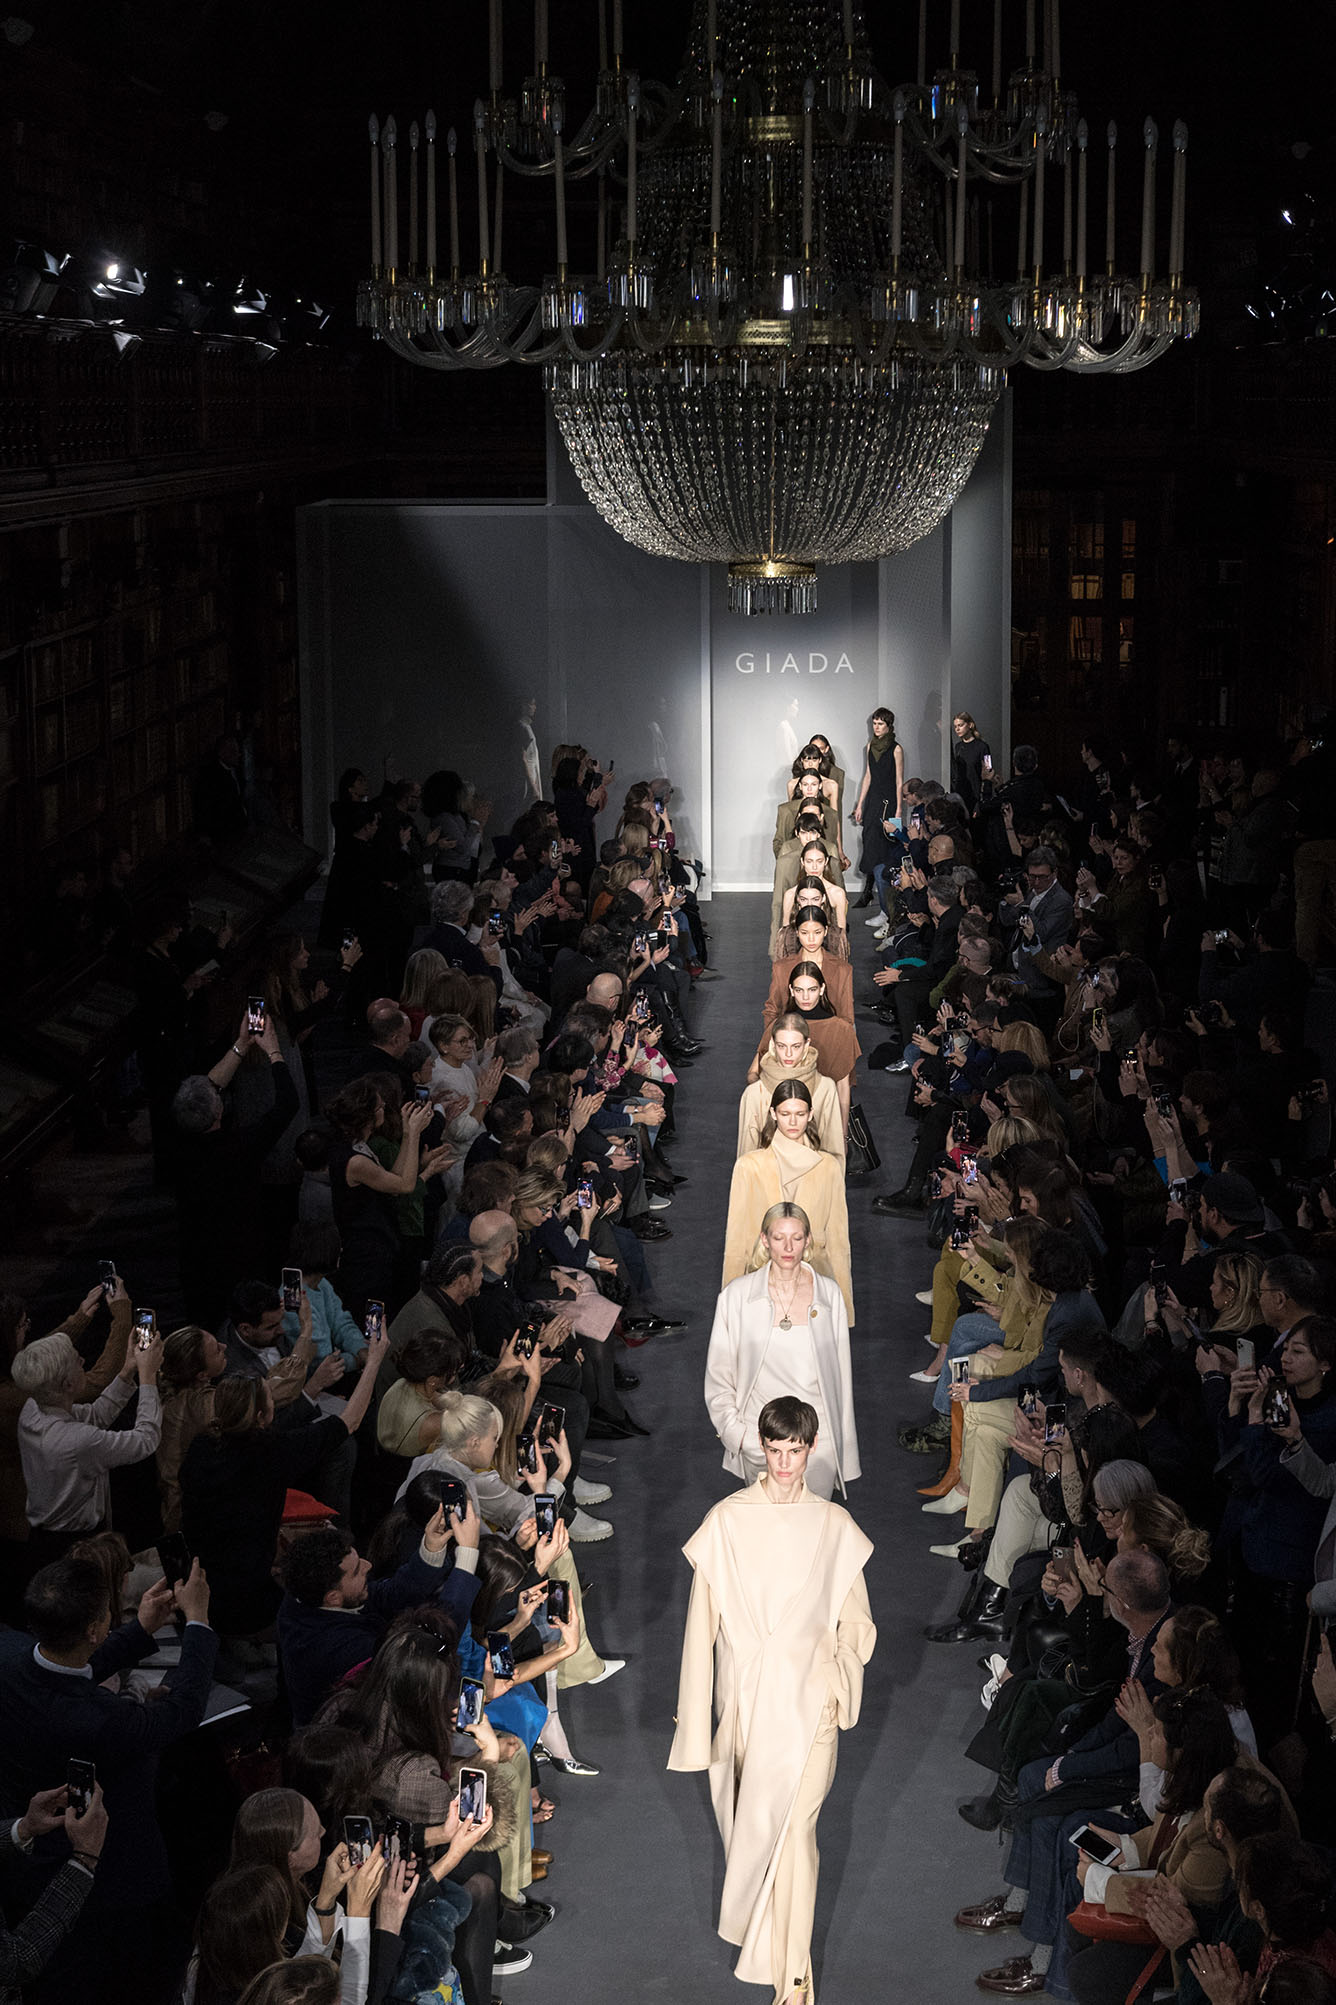 Mr Zhao, le tycoon du luxe qui veut conquérir la planète mode